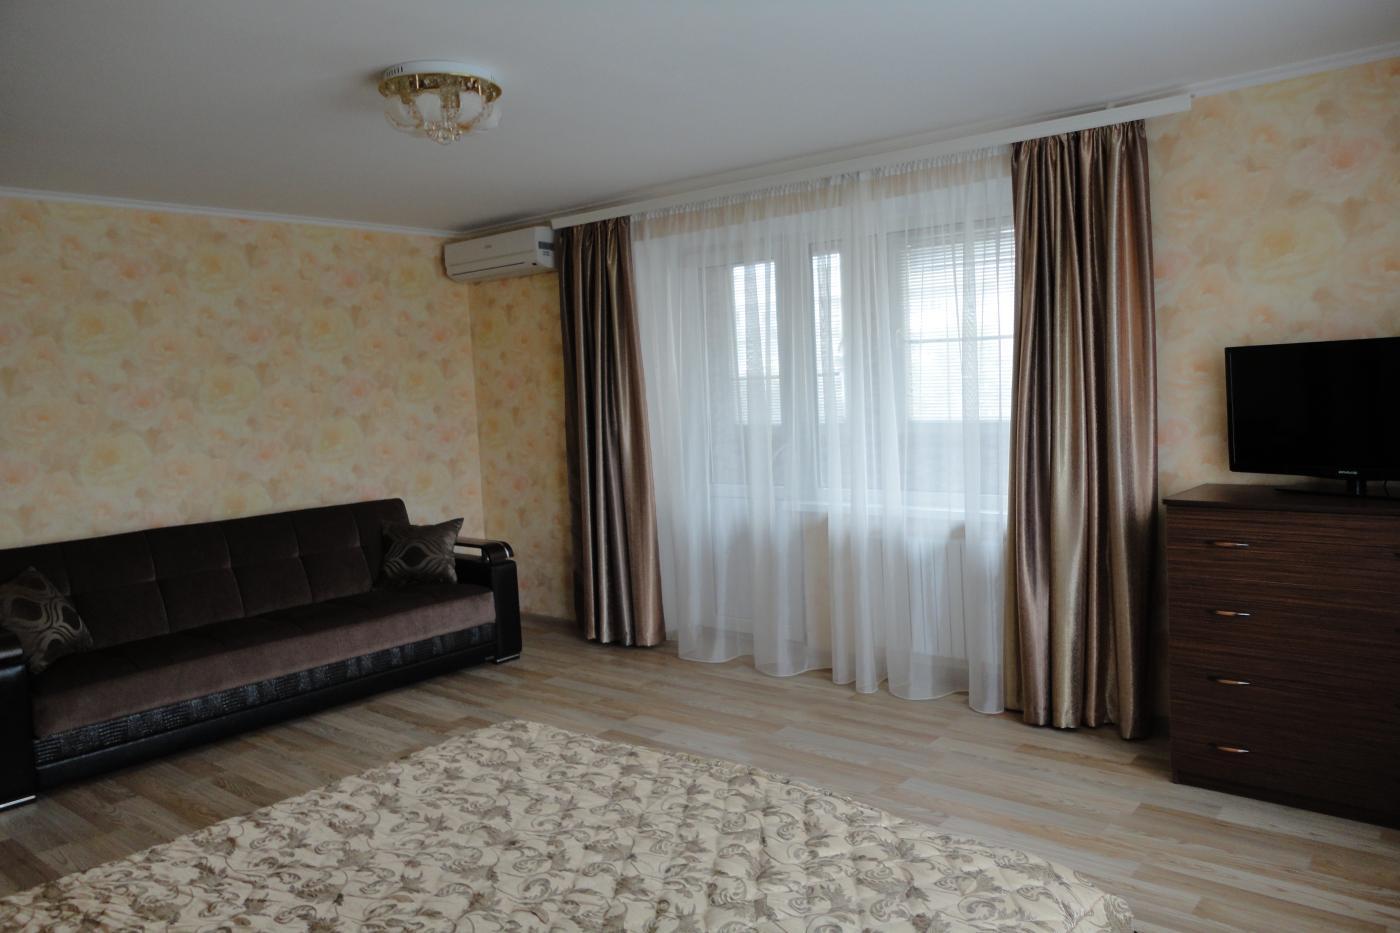 1-комнатная квартира посуточно (вариант № 626), ул. Героев Бреста улица, фото № 6